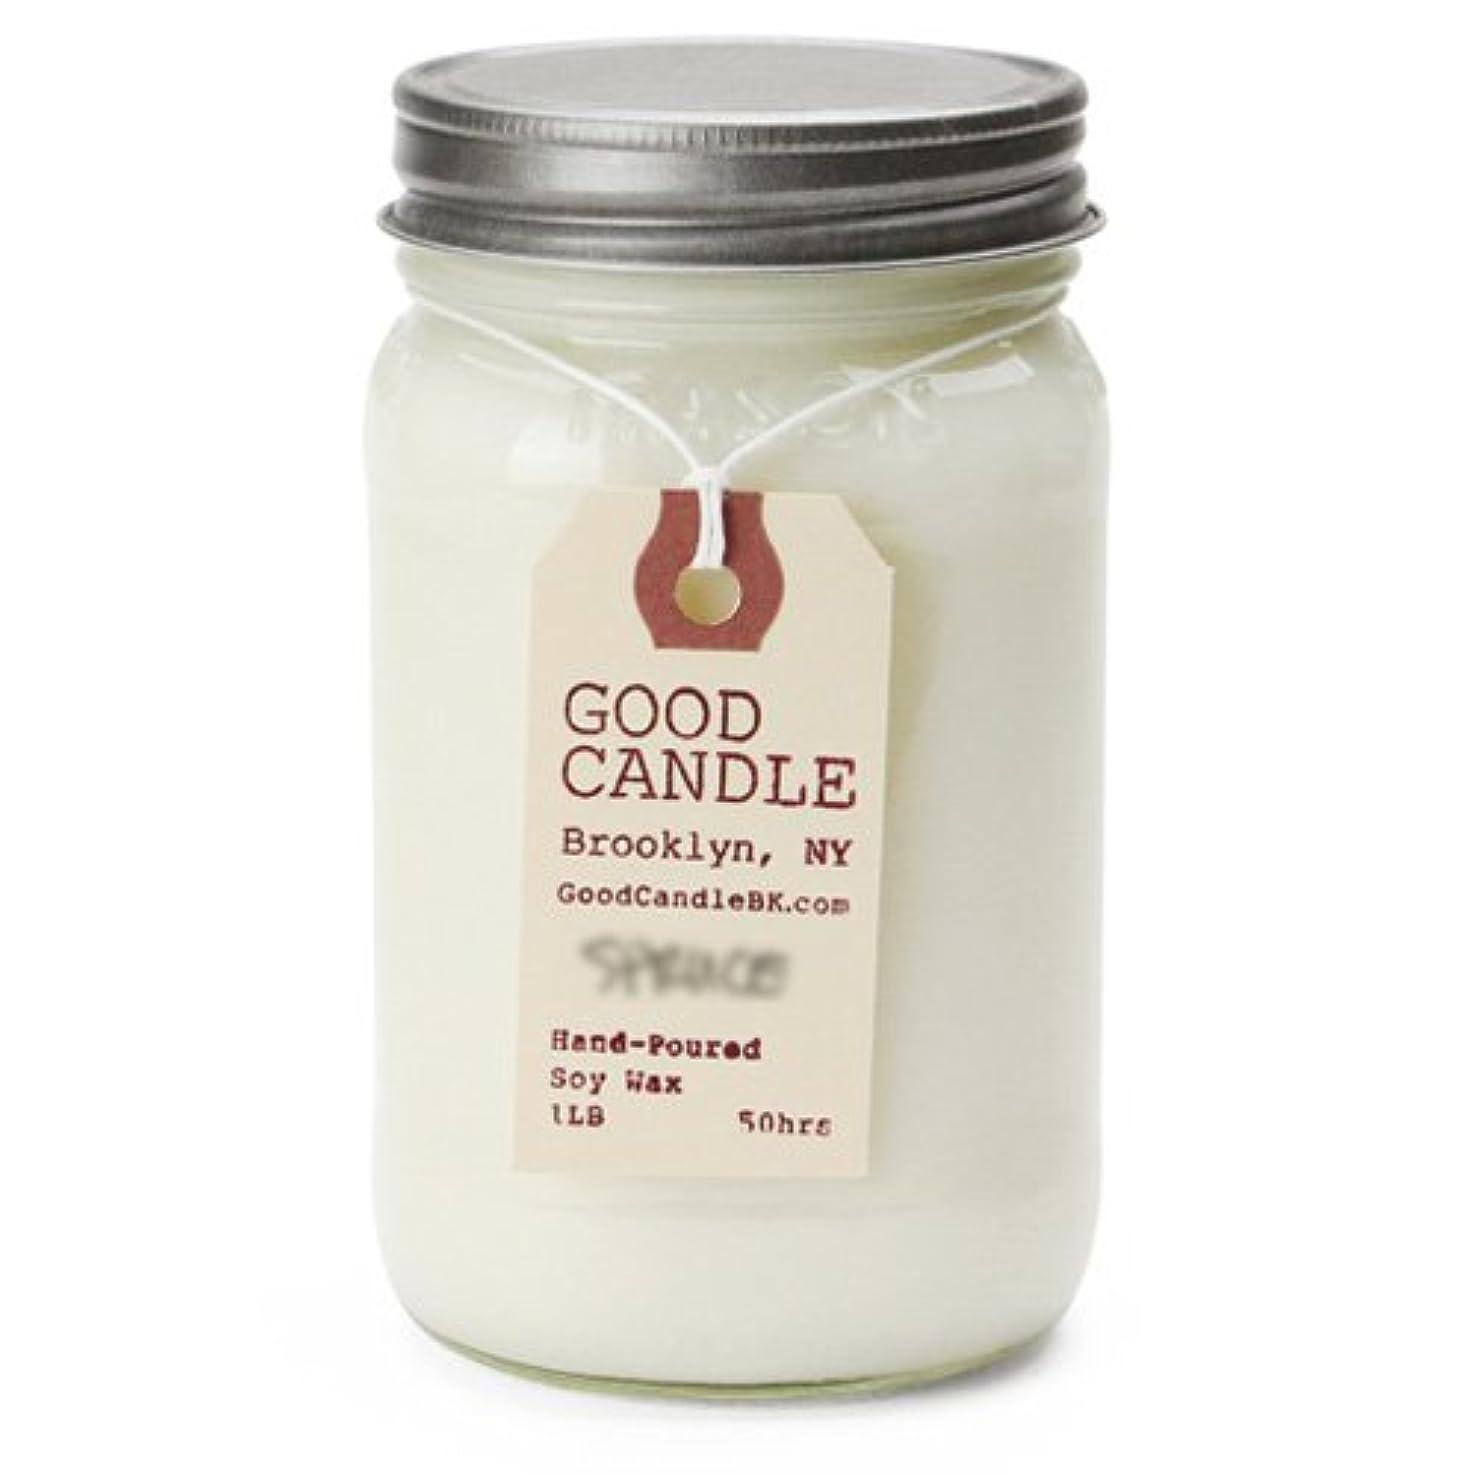 十代の若者たちジョセフバンクス六月グッドキャンドル 1ポンド メイソンジャー キャンドル Good Candle 1LB Mason jar candle [ Mimosa ] 正規品